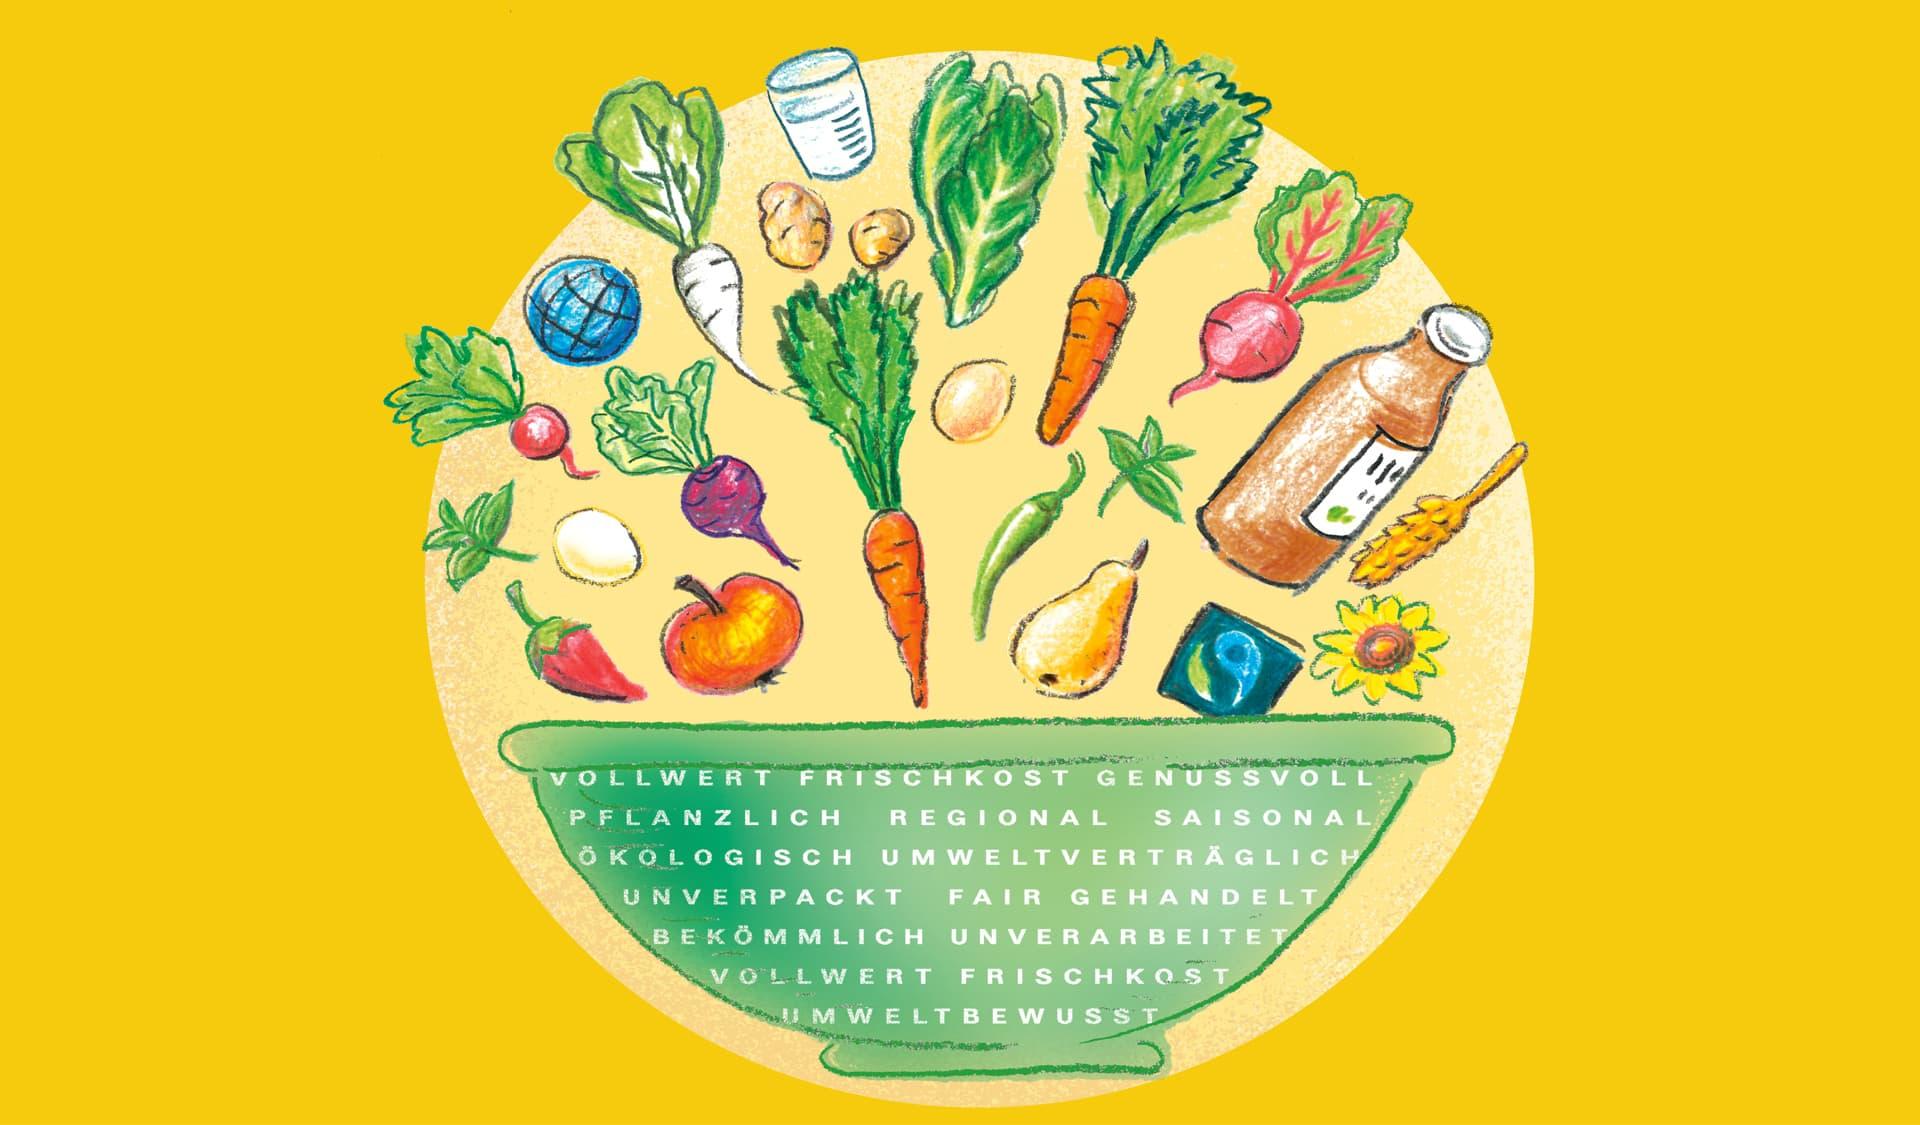 Illustration mit Lebensmitteln die in eine Schüssel fallen